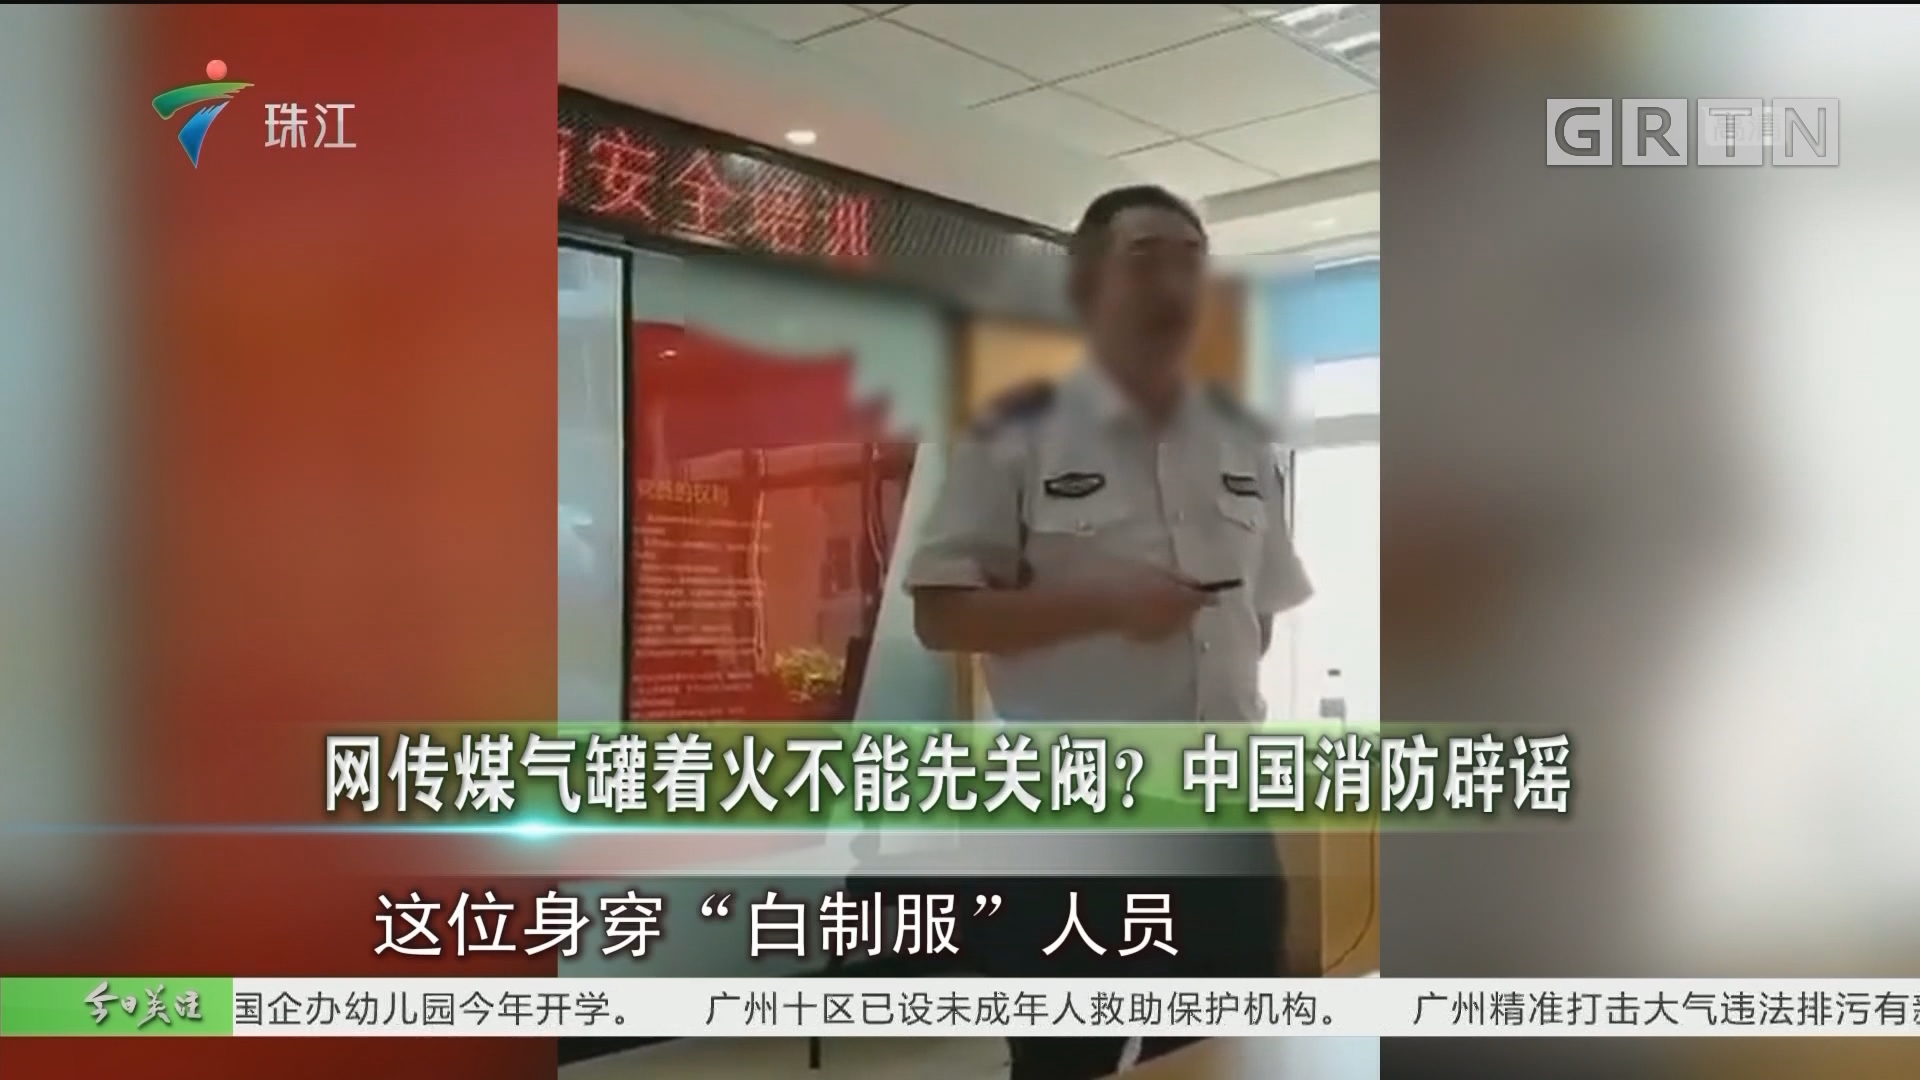 网传煤气罐着火不能先关阀?中国消防辟谣